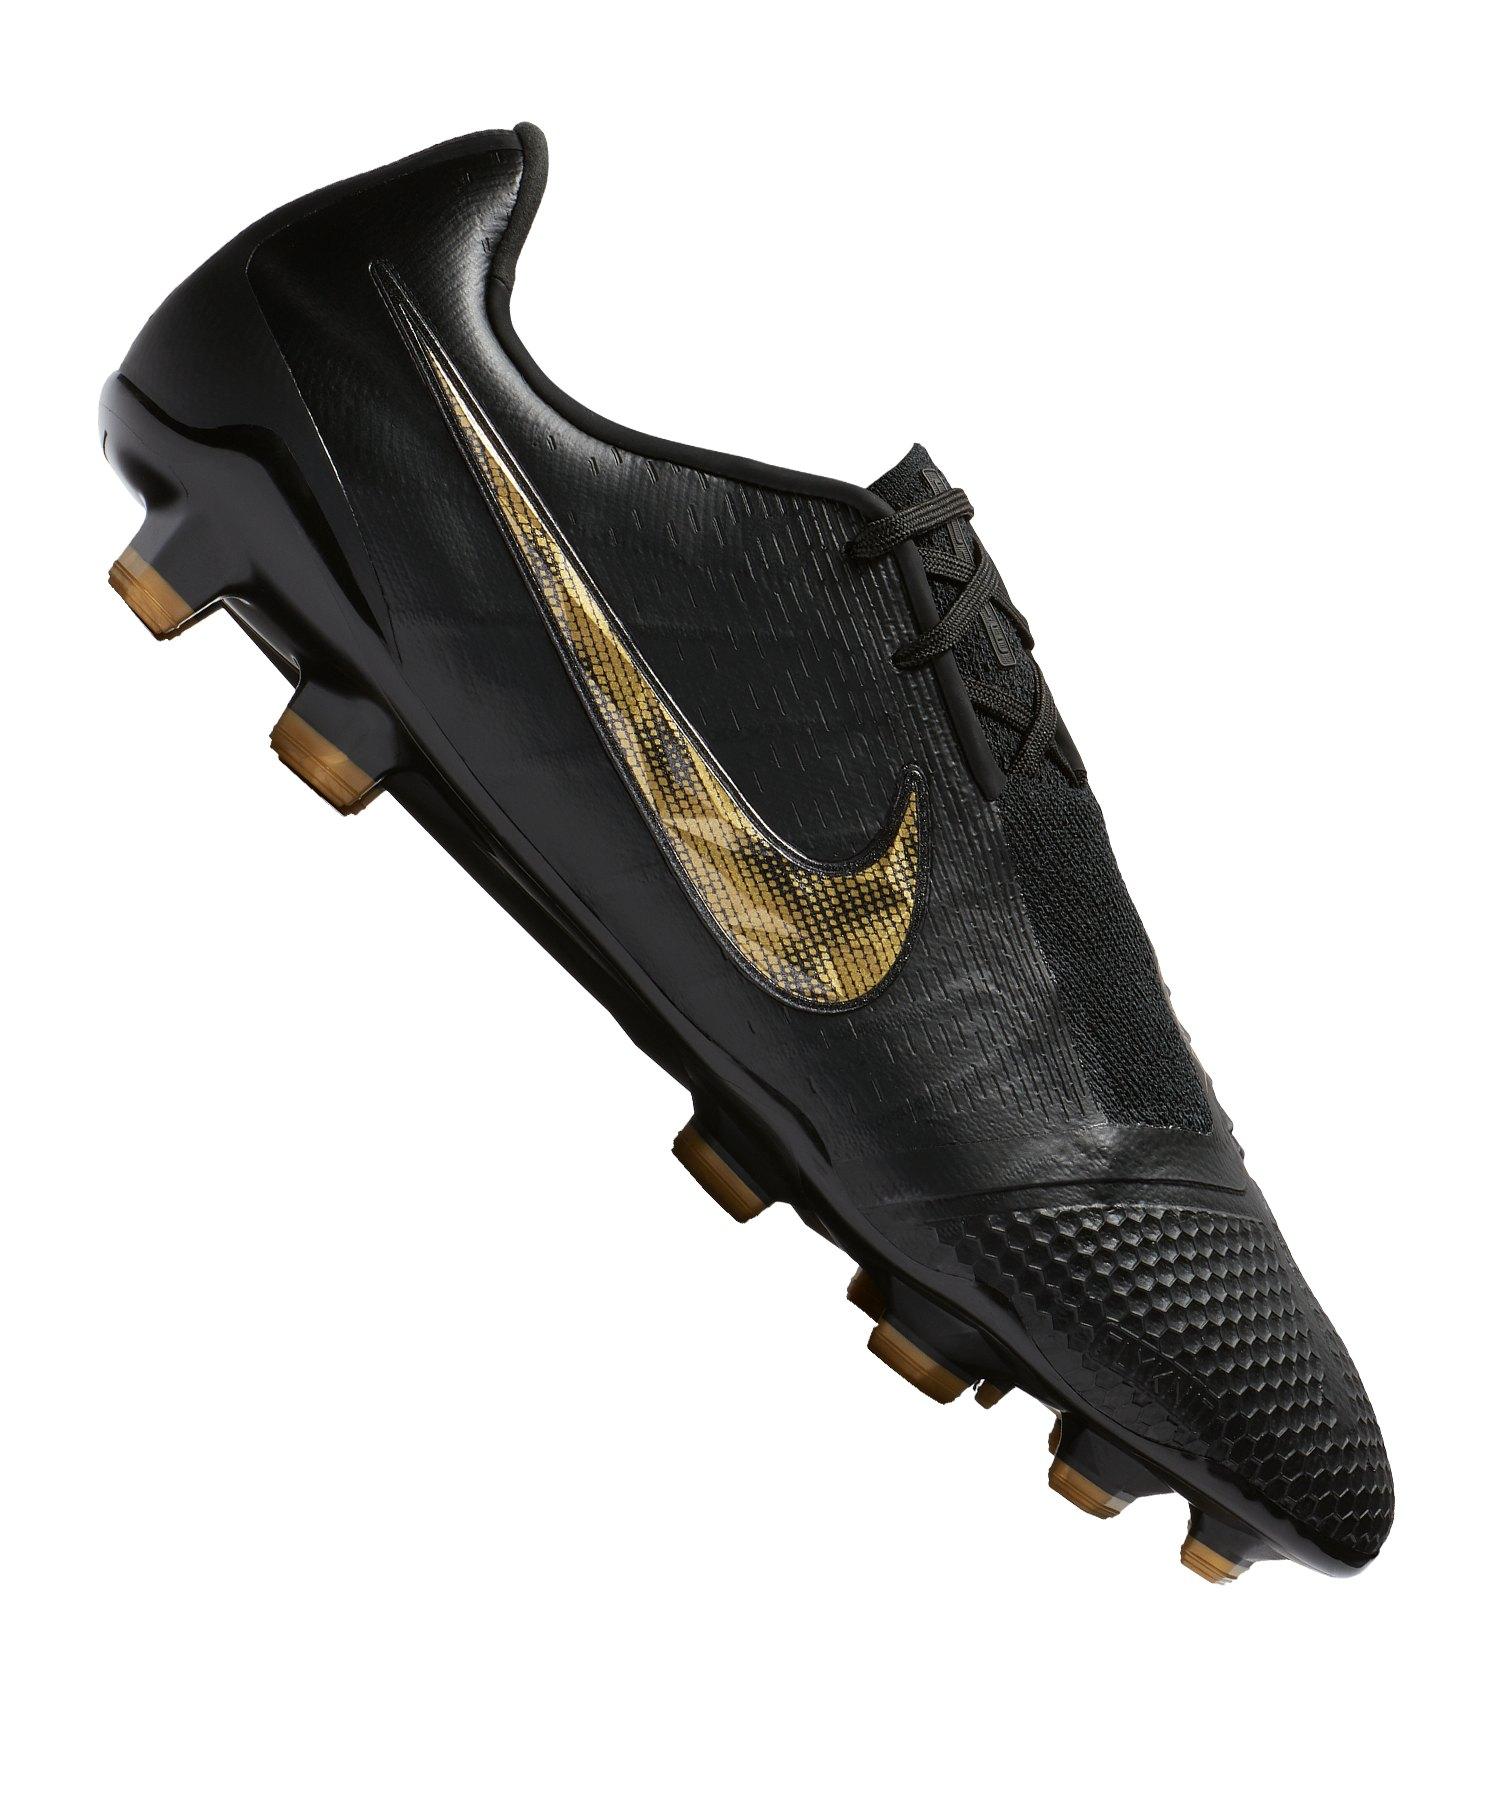 Nike Air Max neuwertige Leder Schuhe für Mädchen Gr.32